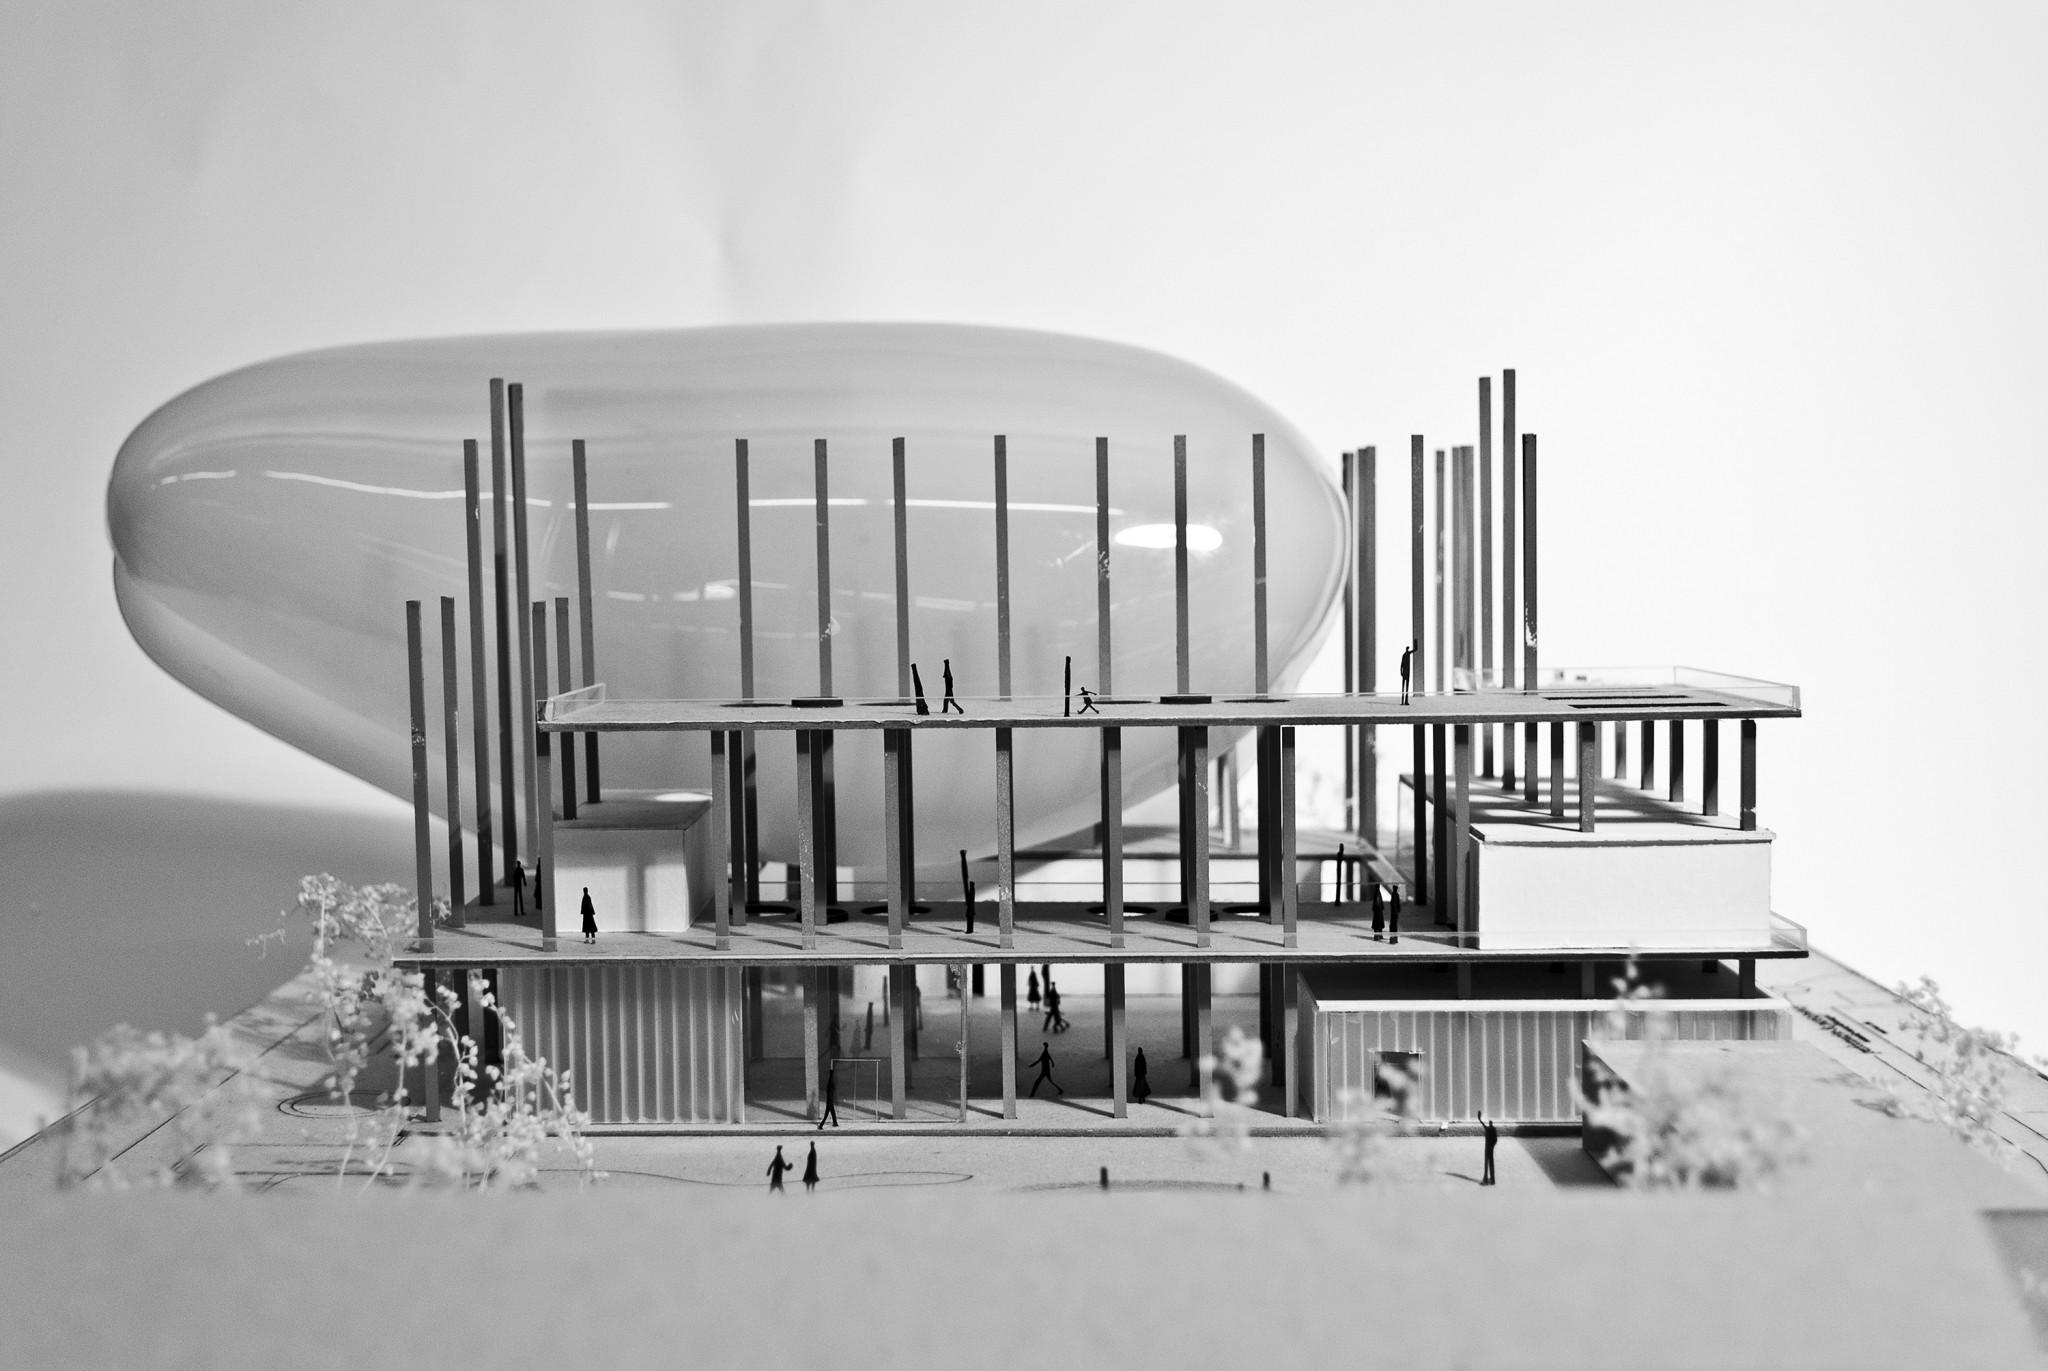 Eth zurich switzerland school of architecture cuhk for Architecture zurich